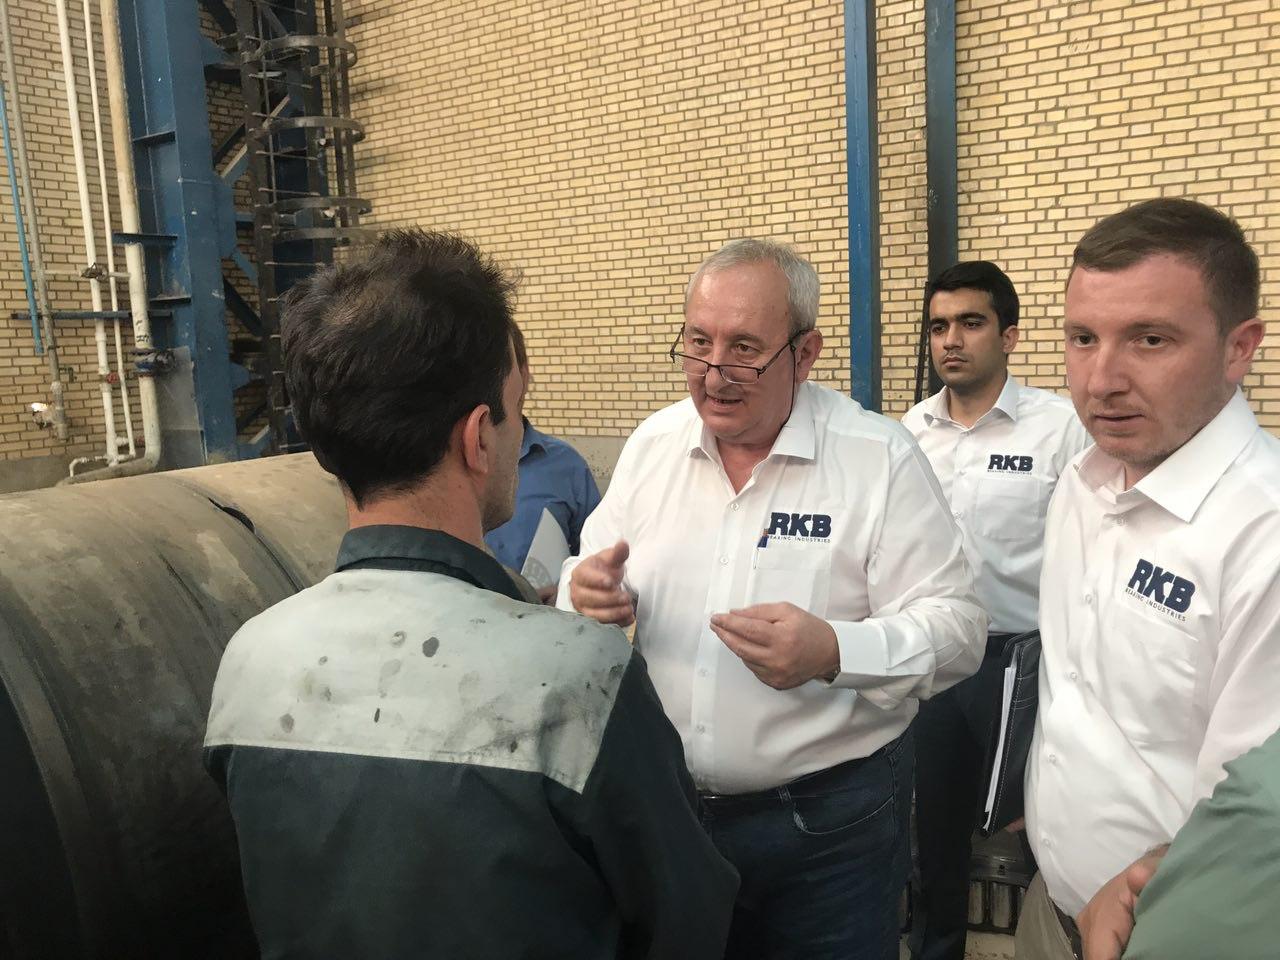 بازدید تیم فنی RKB سوئیس و برگزاری سمینار در کارخانجات ایران